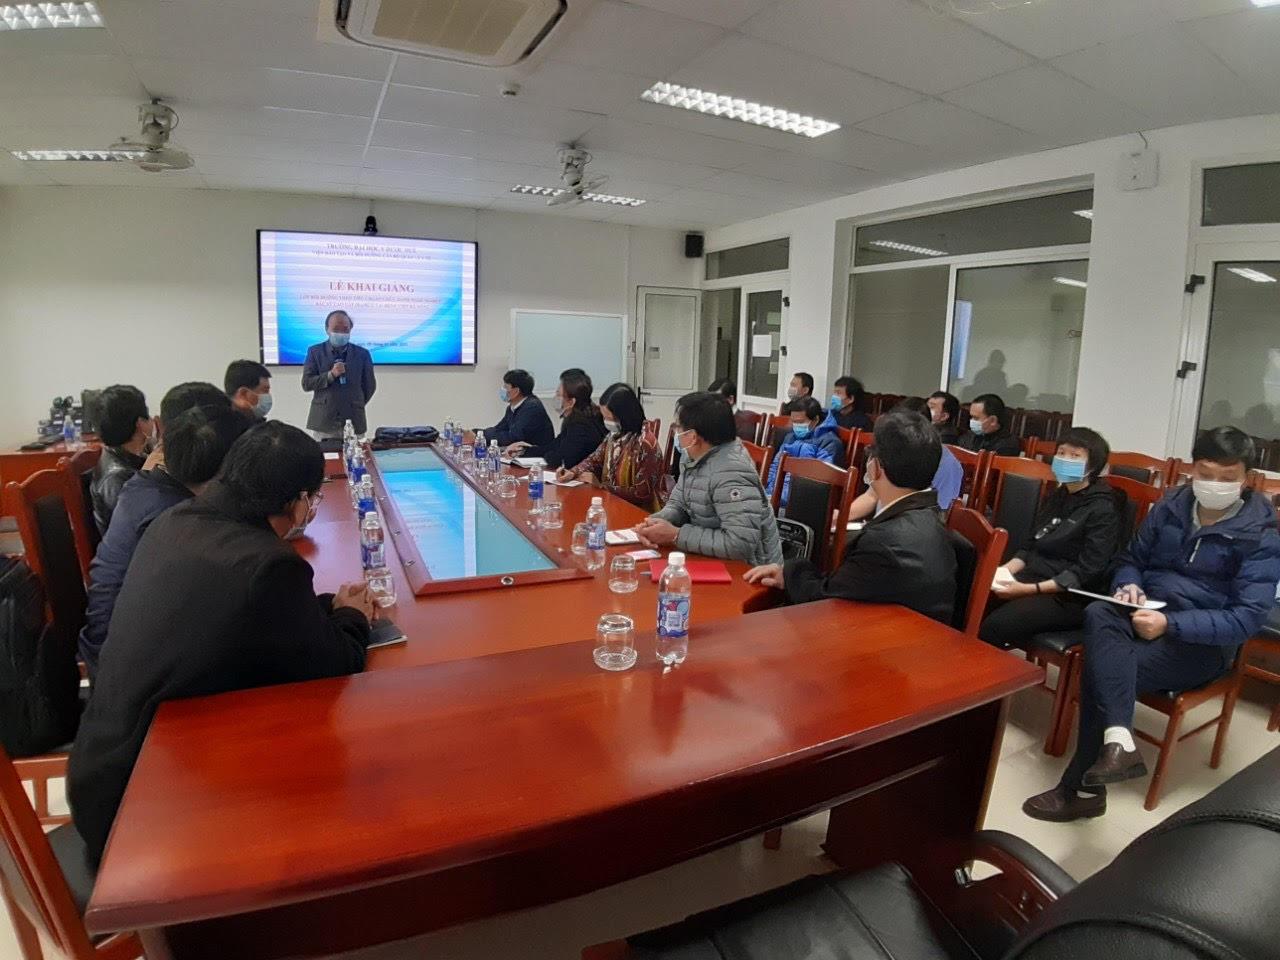 Khai giảng lớp bồi dưỡng theo tiêu chuẩn chức danh nghề nghiệp bác sĩ cao cấp tại Bệnh viện Đà Nẵng